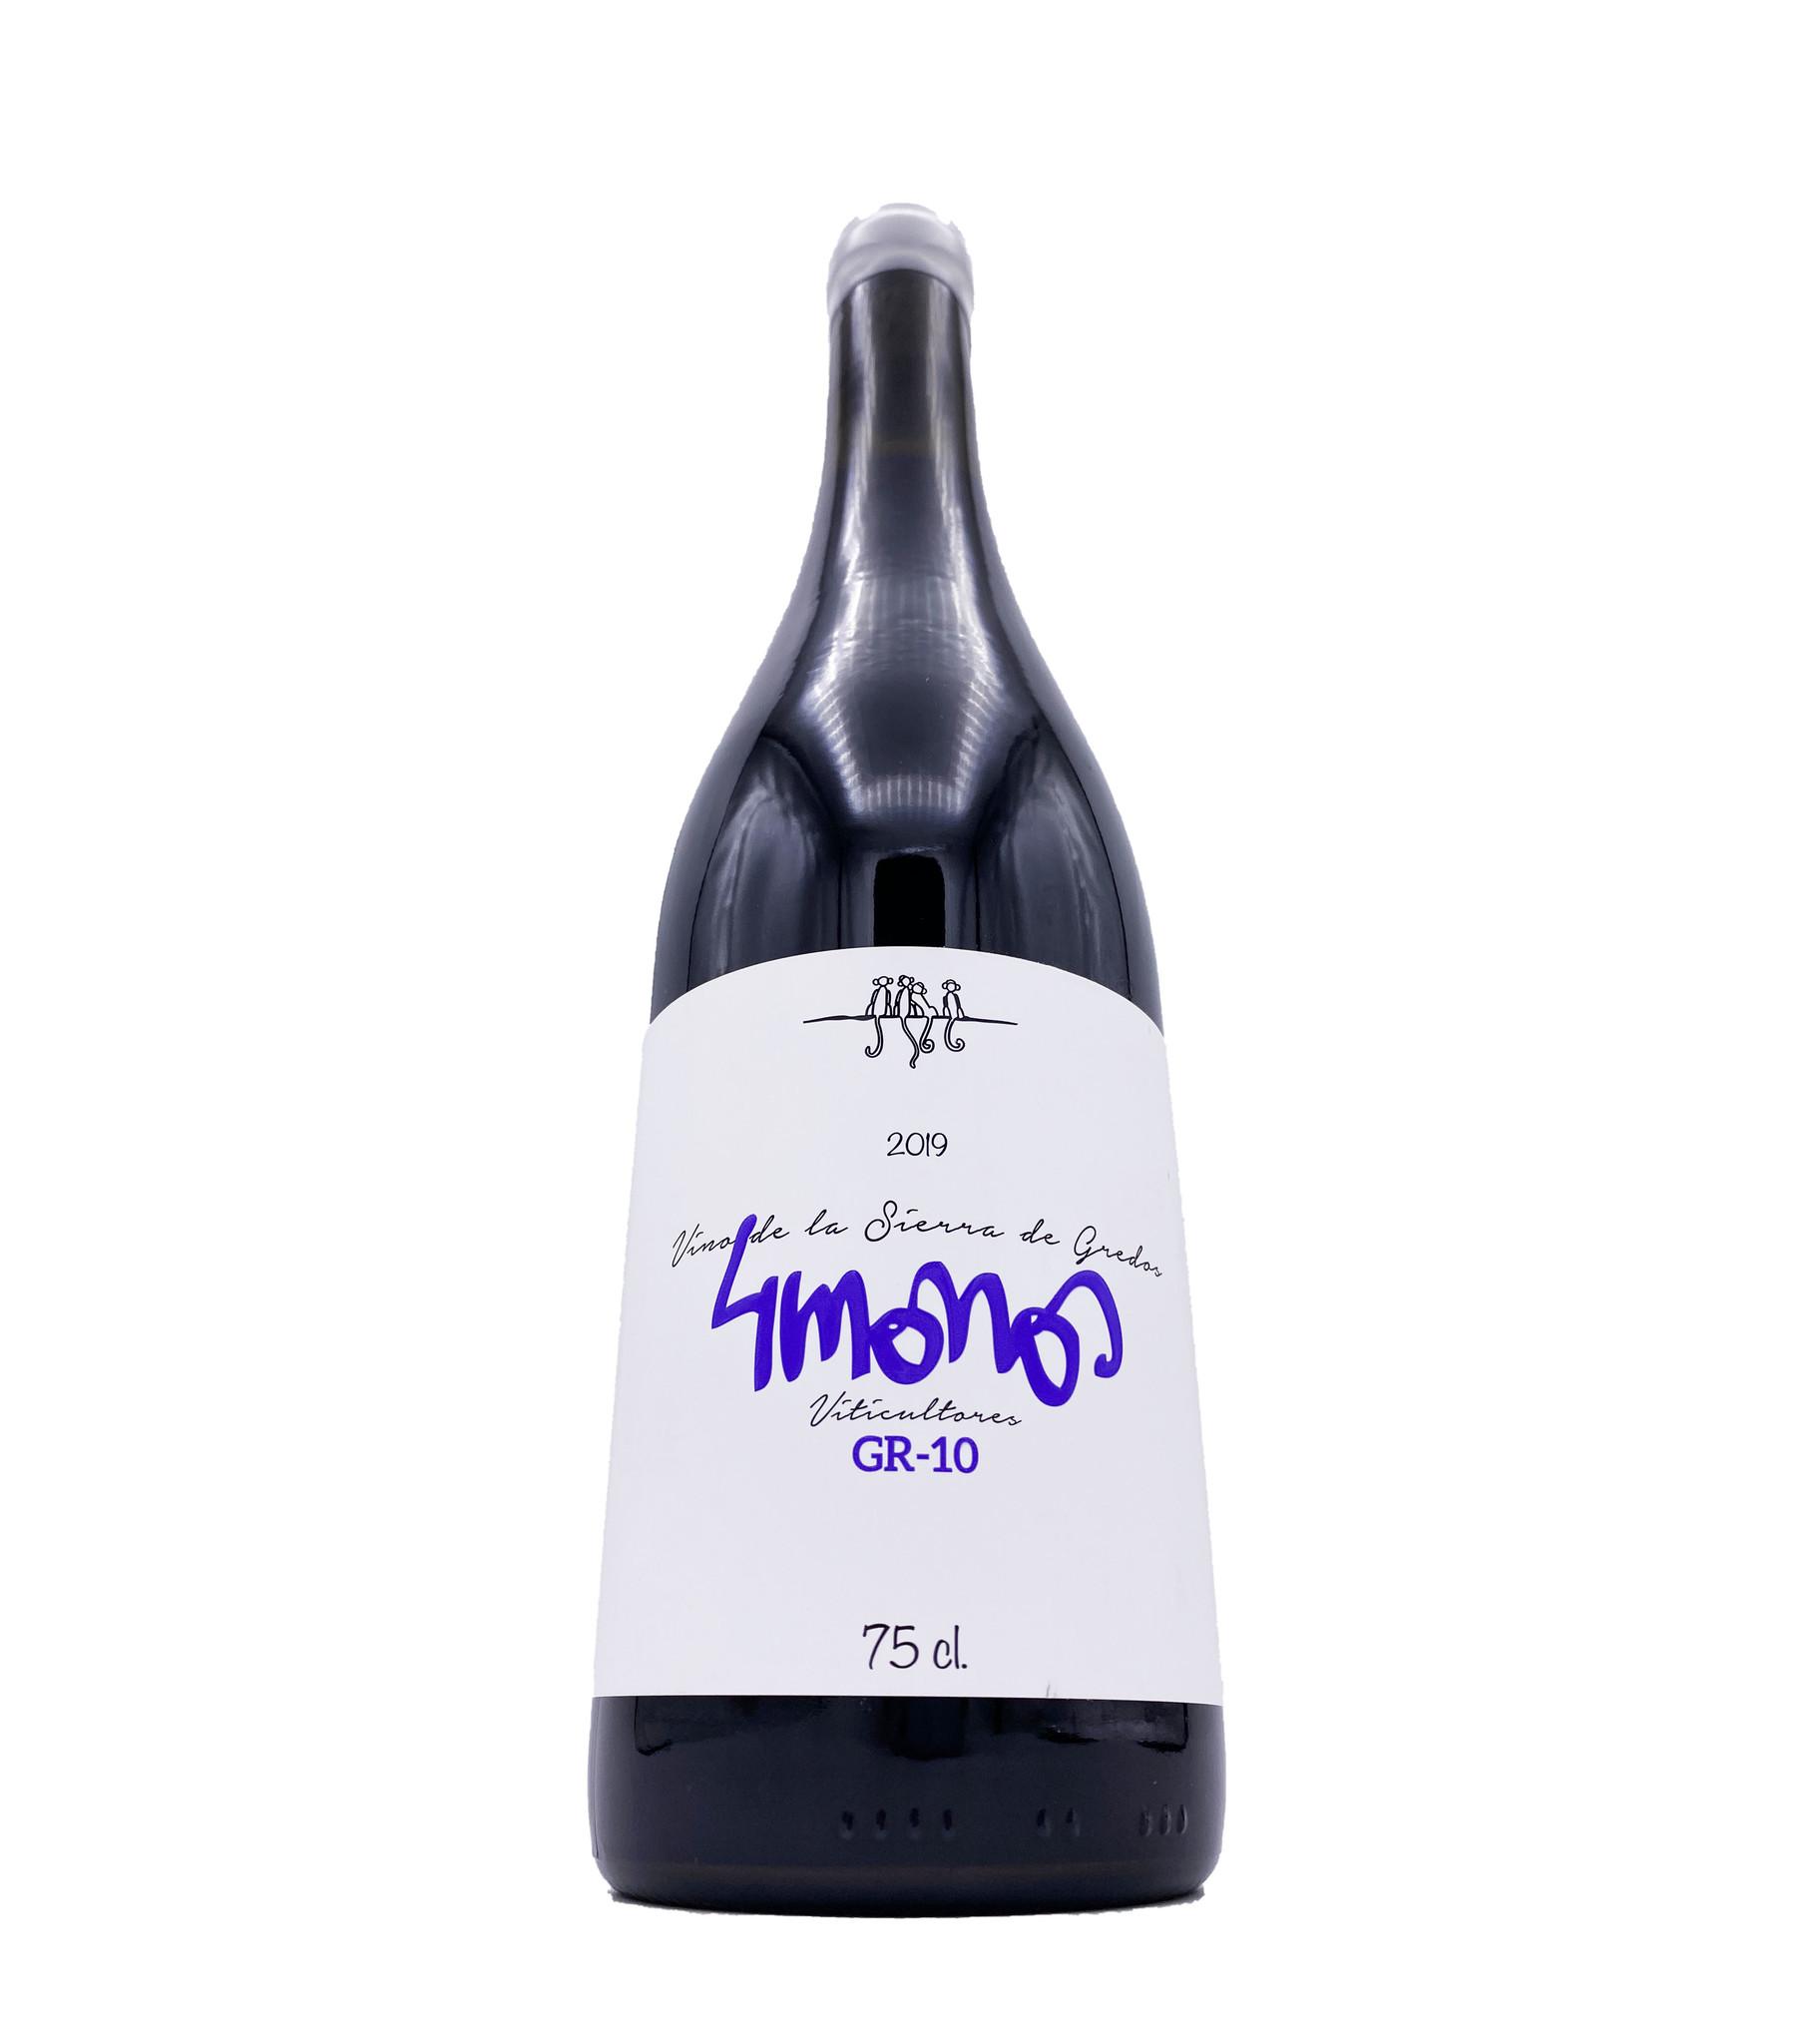 Vinos de Madrid Tinto GR10 2019 4 Monos